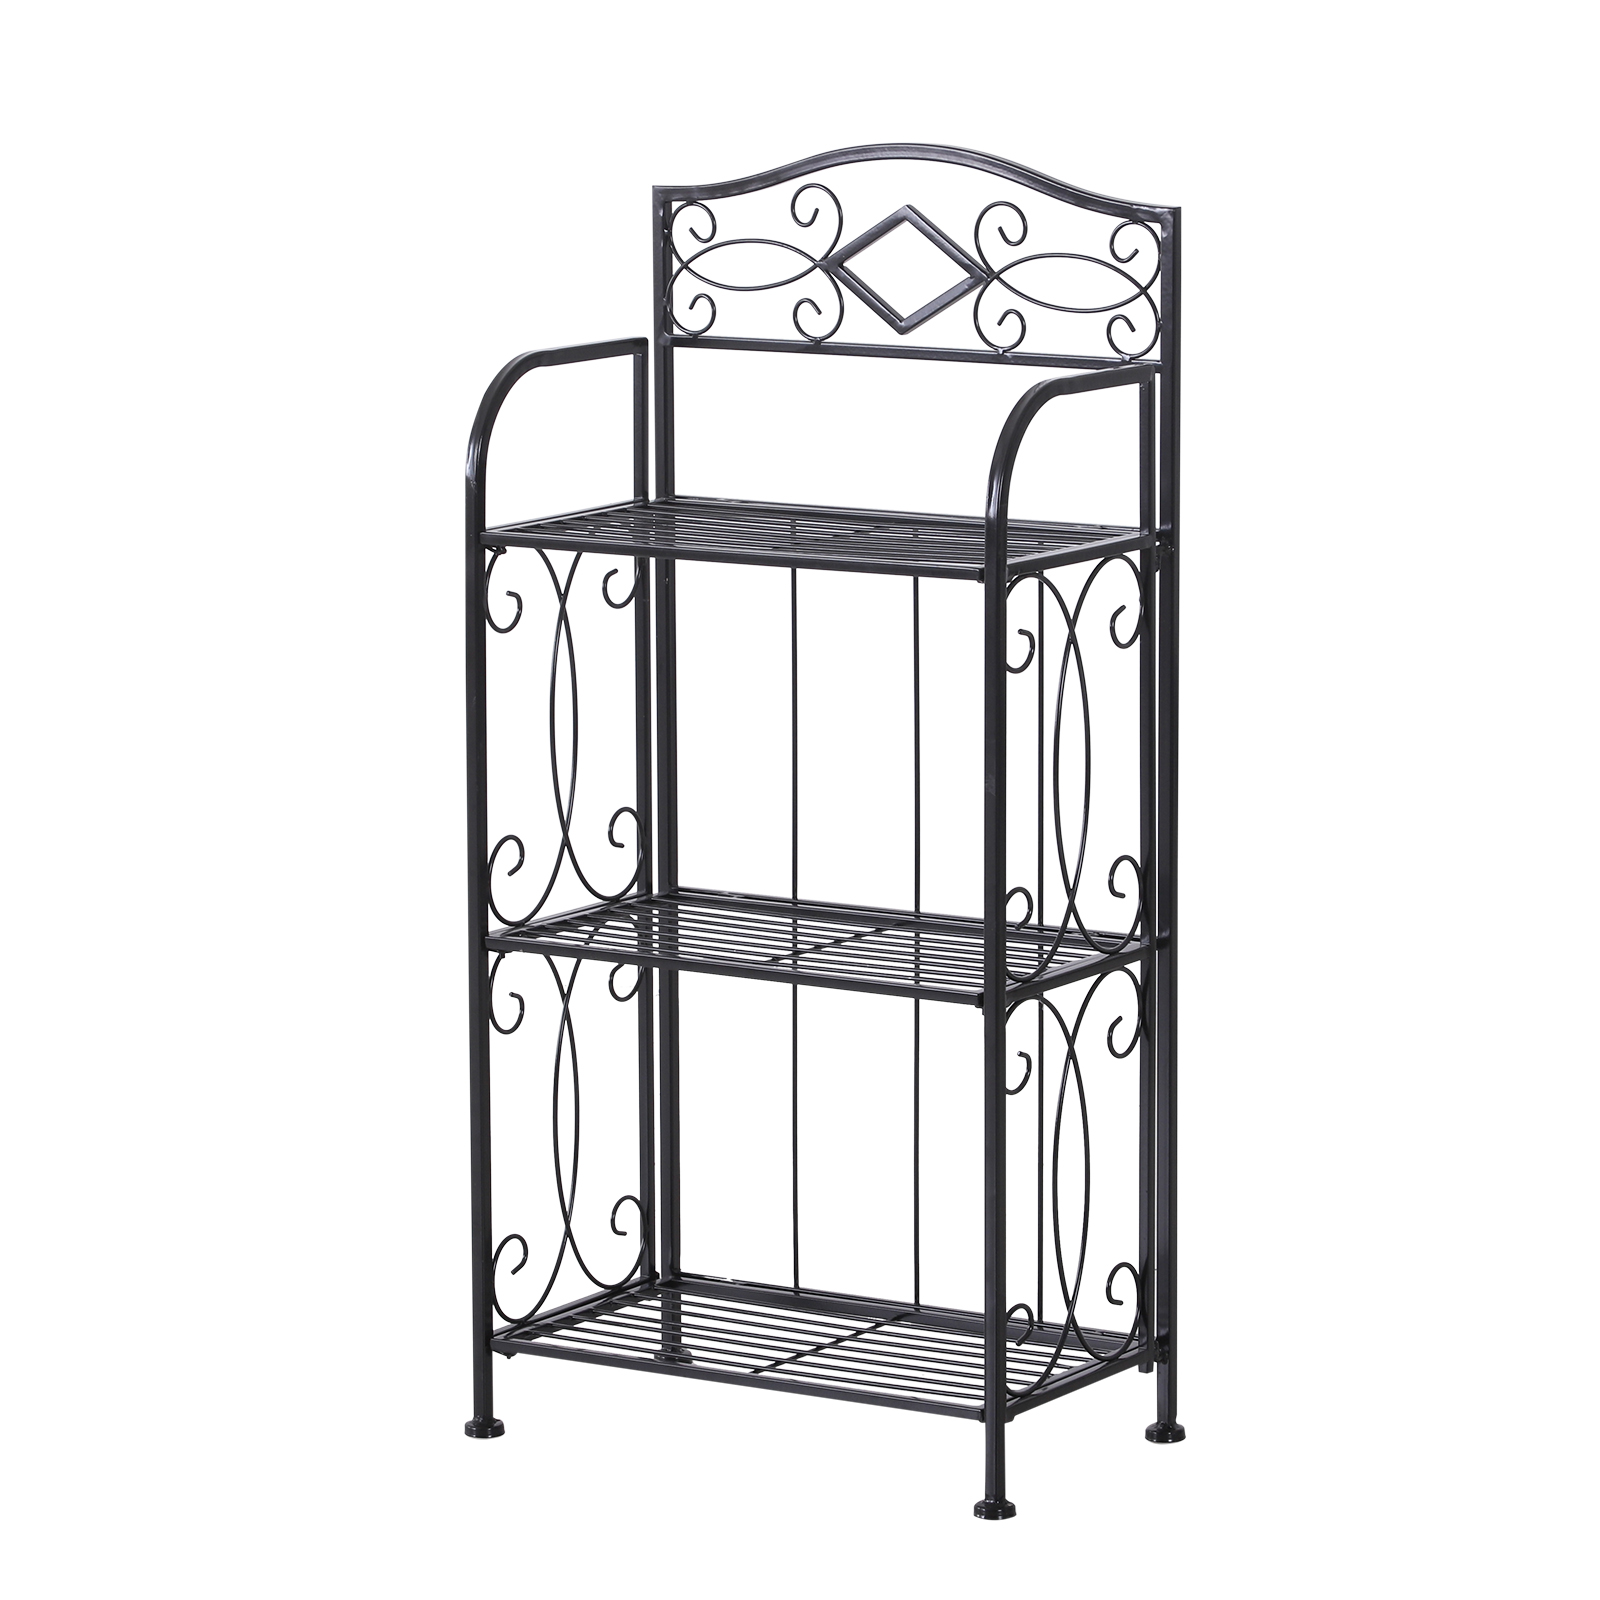 HOMCOM Portafiori Folding Shelf With 3 Shelves For Balcony Garden Iron Painted 48x28x101.5 Cm Black